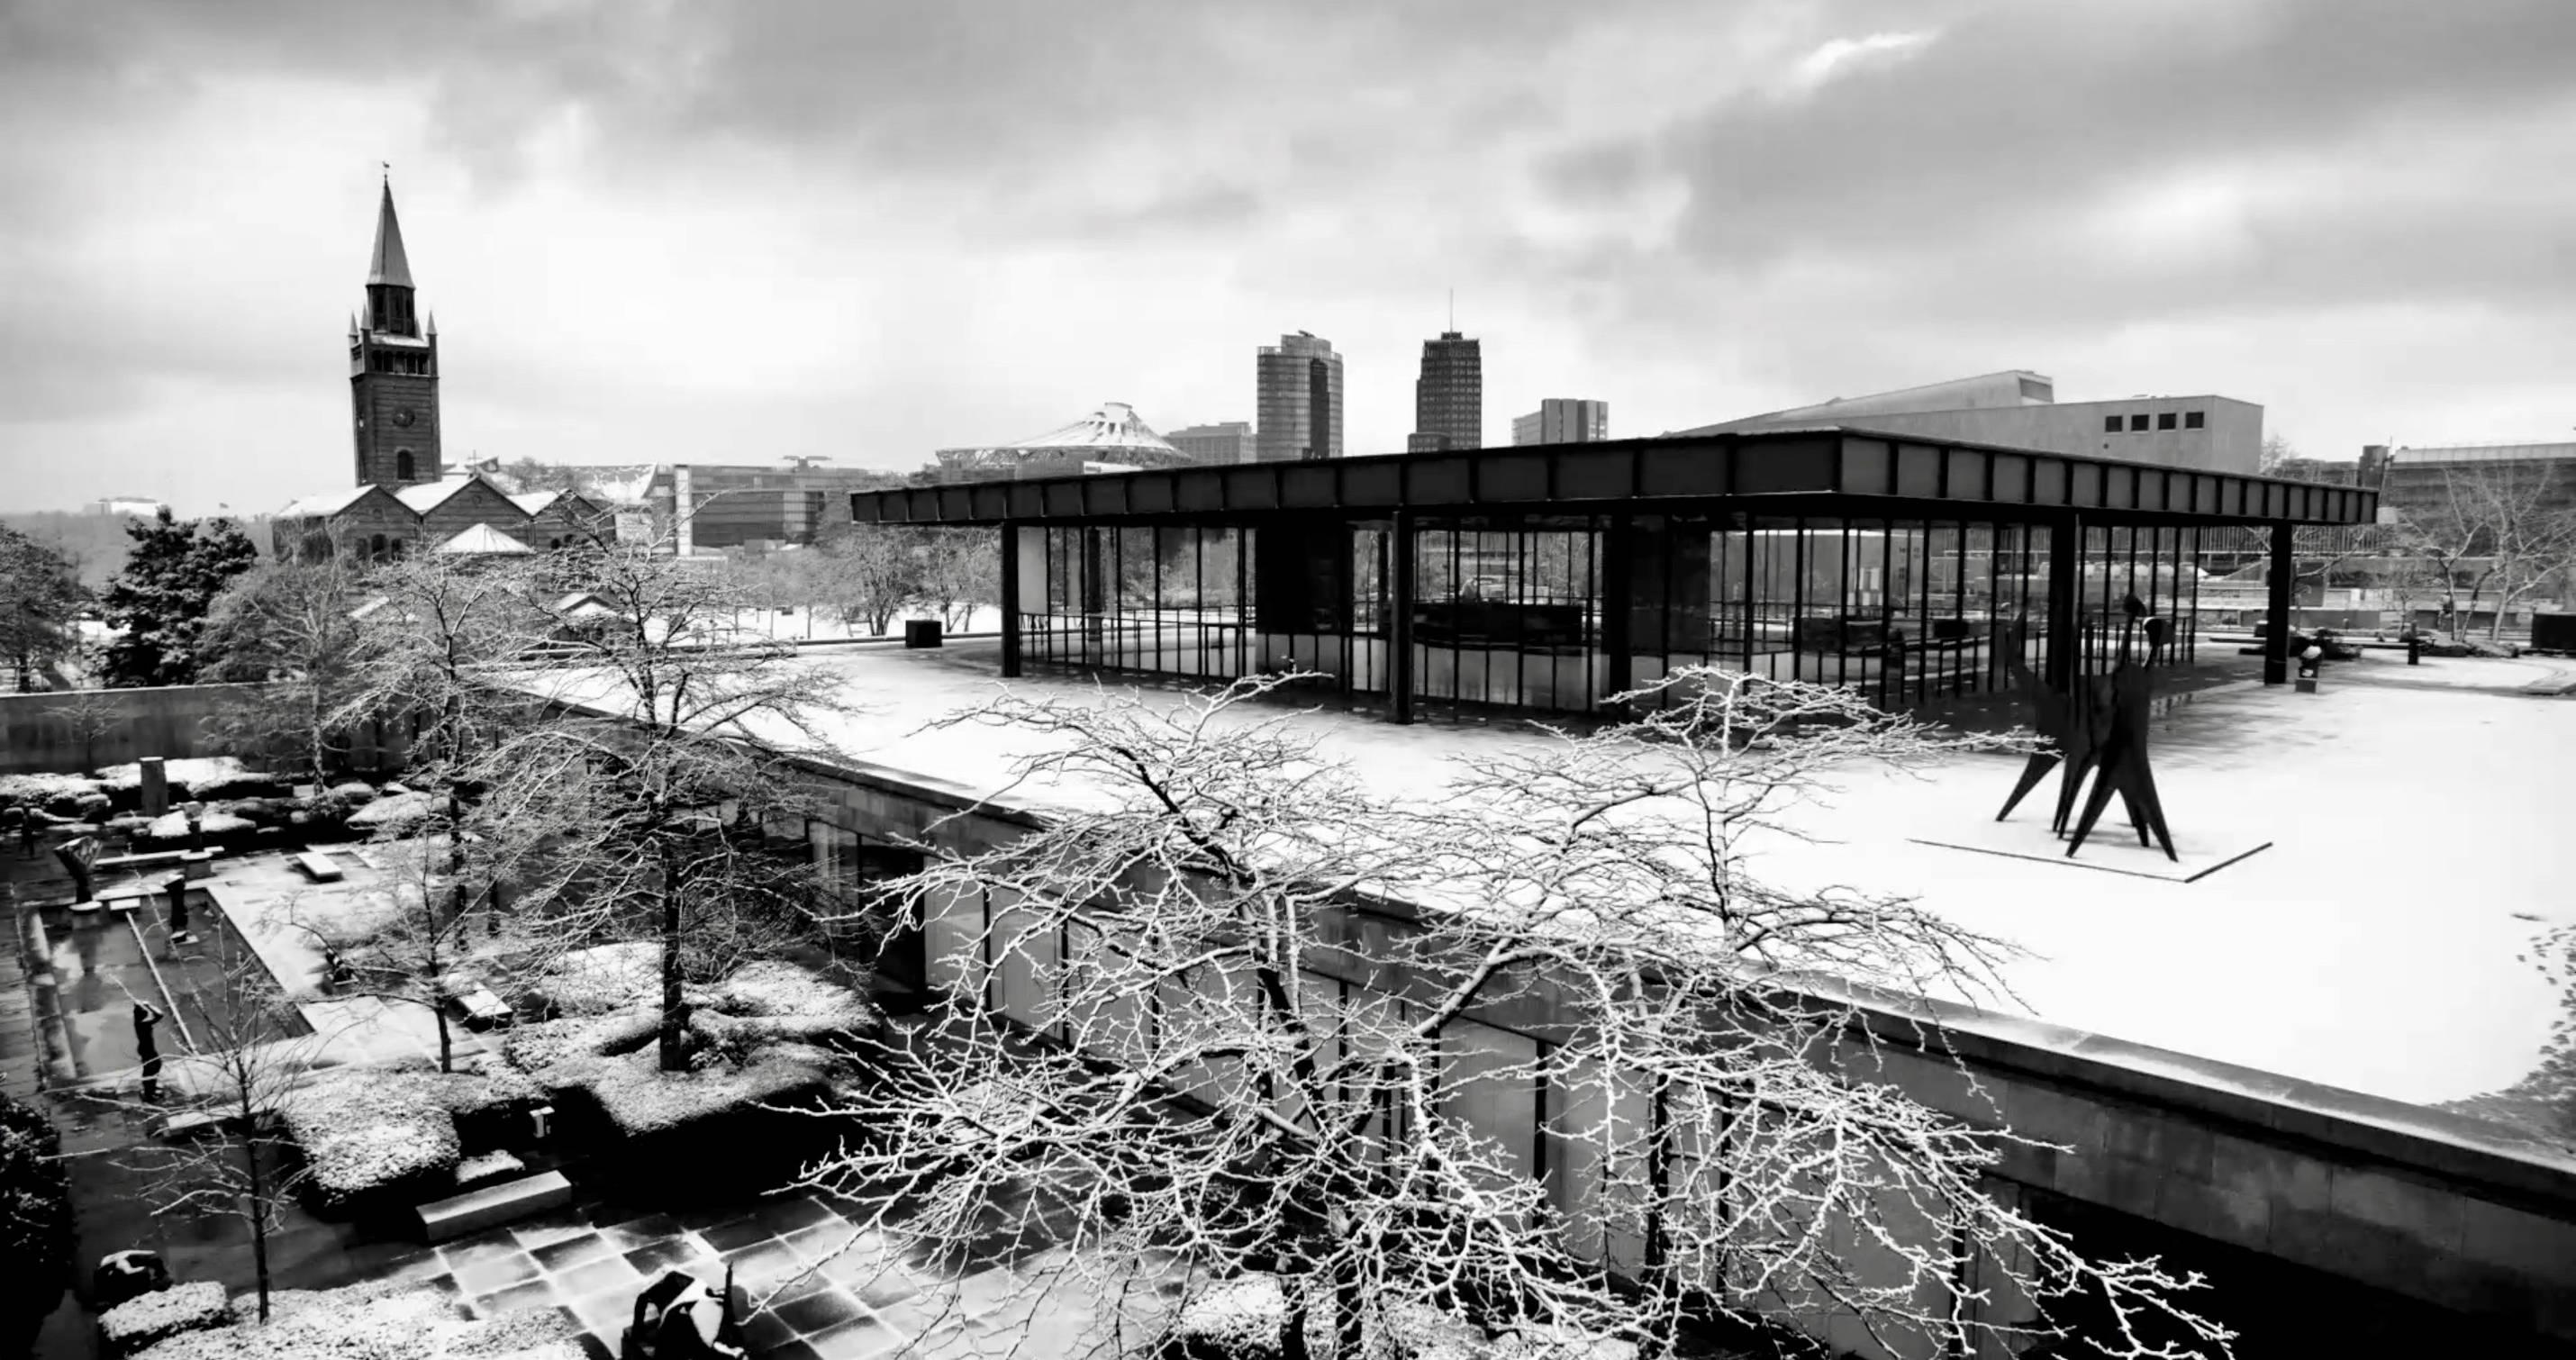 Architekturbild der neuen Nationalgalerie - ein Film von Ina Weisse - Kamera Judith Kaufmann